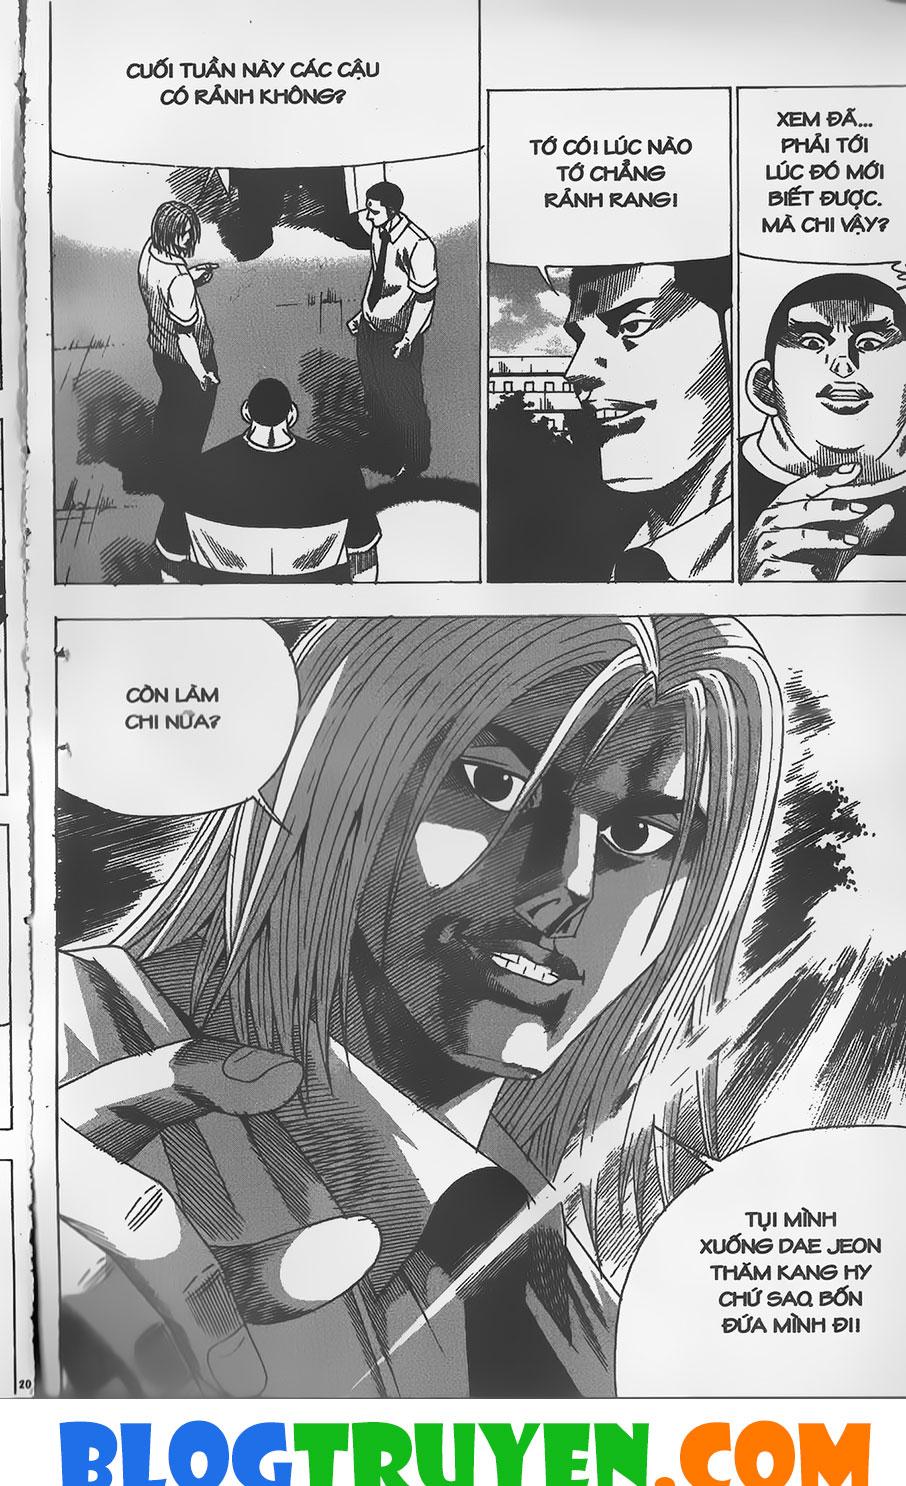 Bitagi - Anh chàng ngổ ngáo chap 267 trang 16